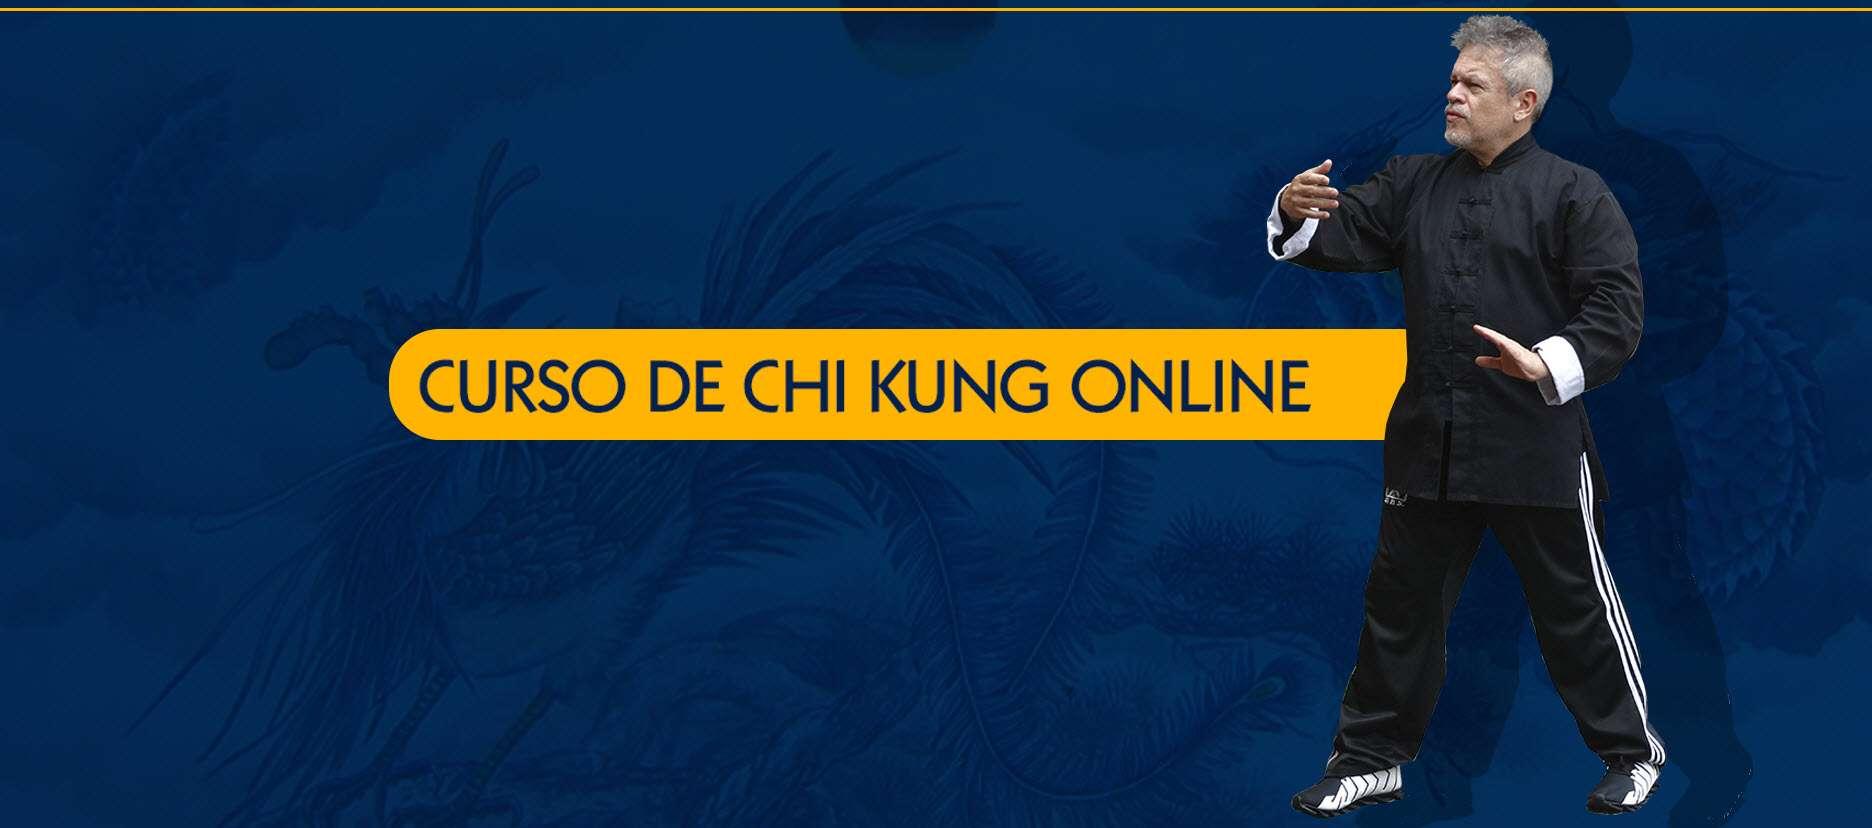 Otavio Leal CURSO DE CHI KUNG ONLINE